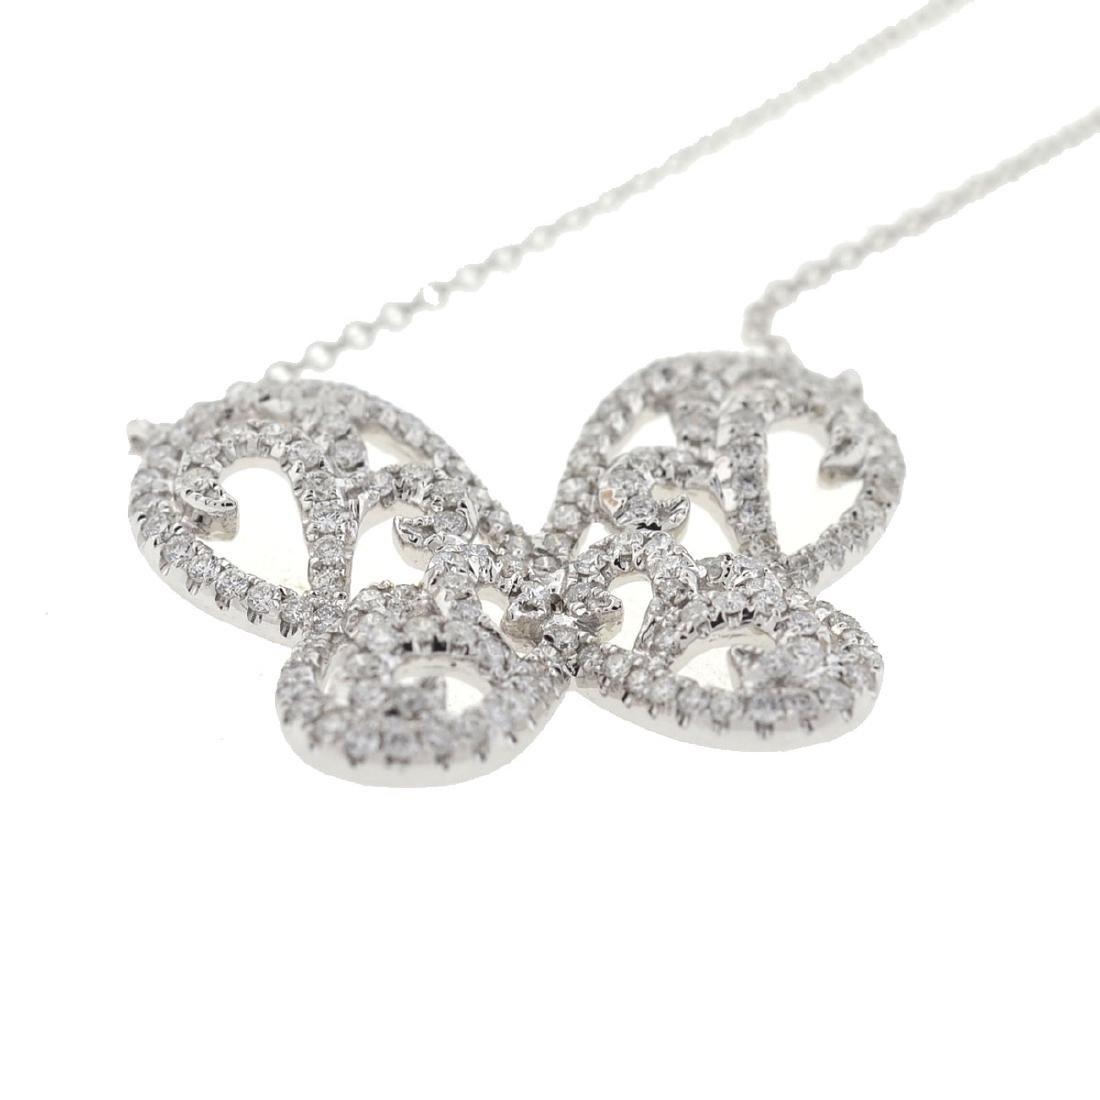 18k Gold Diamond Butterfly Necklace - 2